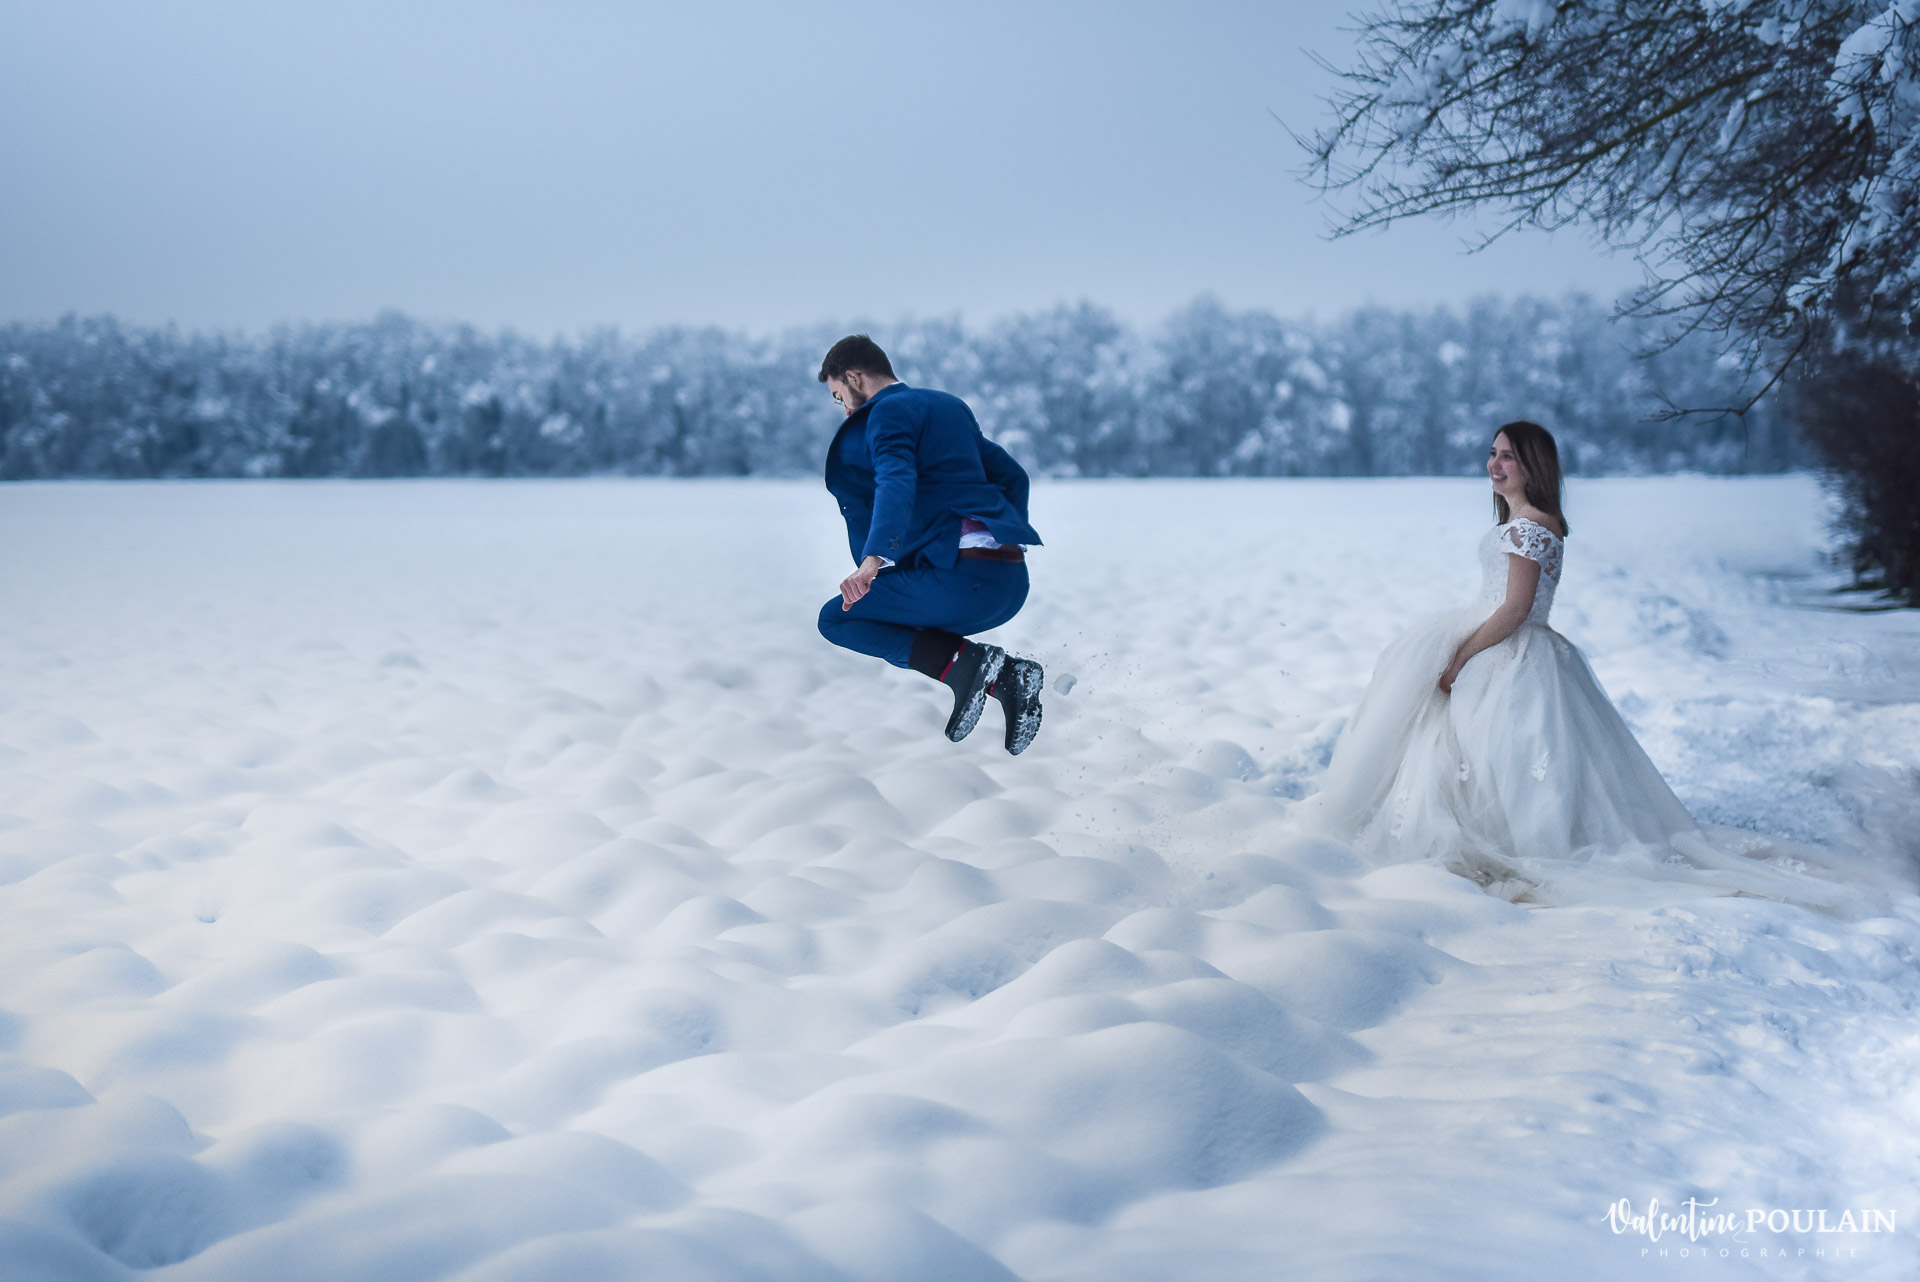 Photo mariage neige hiver - Valentine Poulain saut